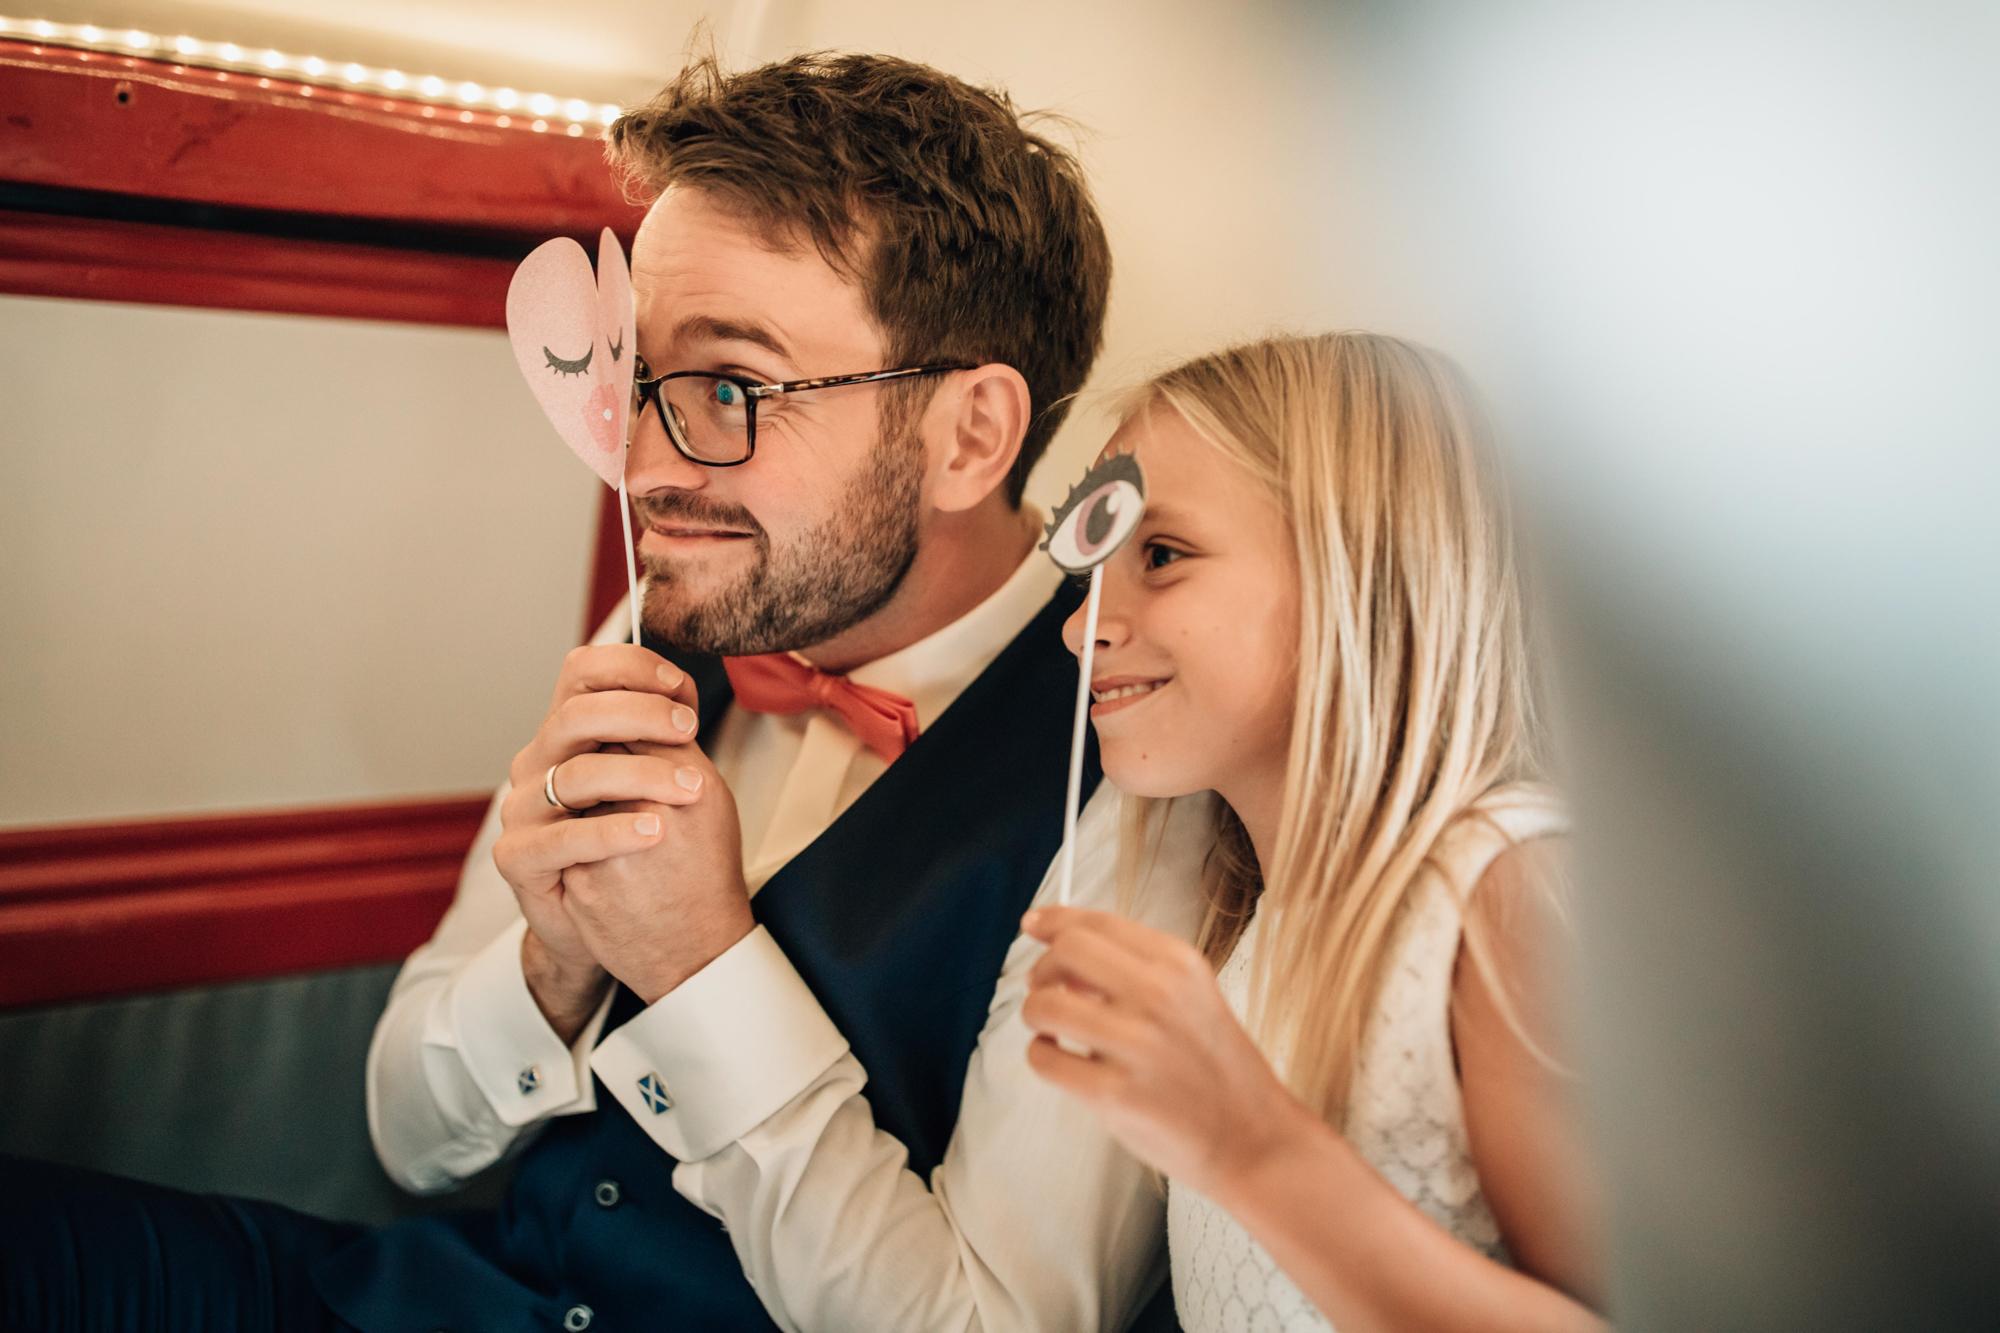 Hochzeit_Fotograf_Bremen26